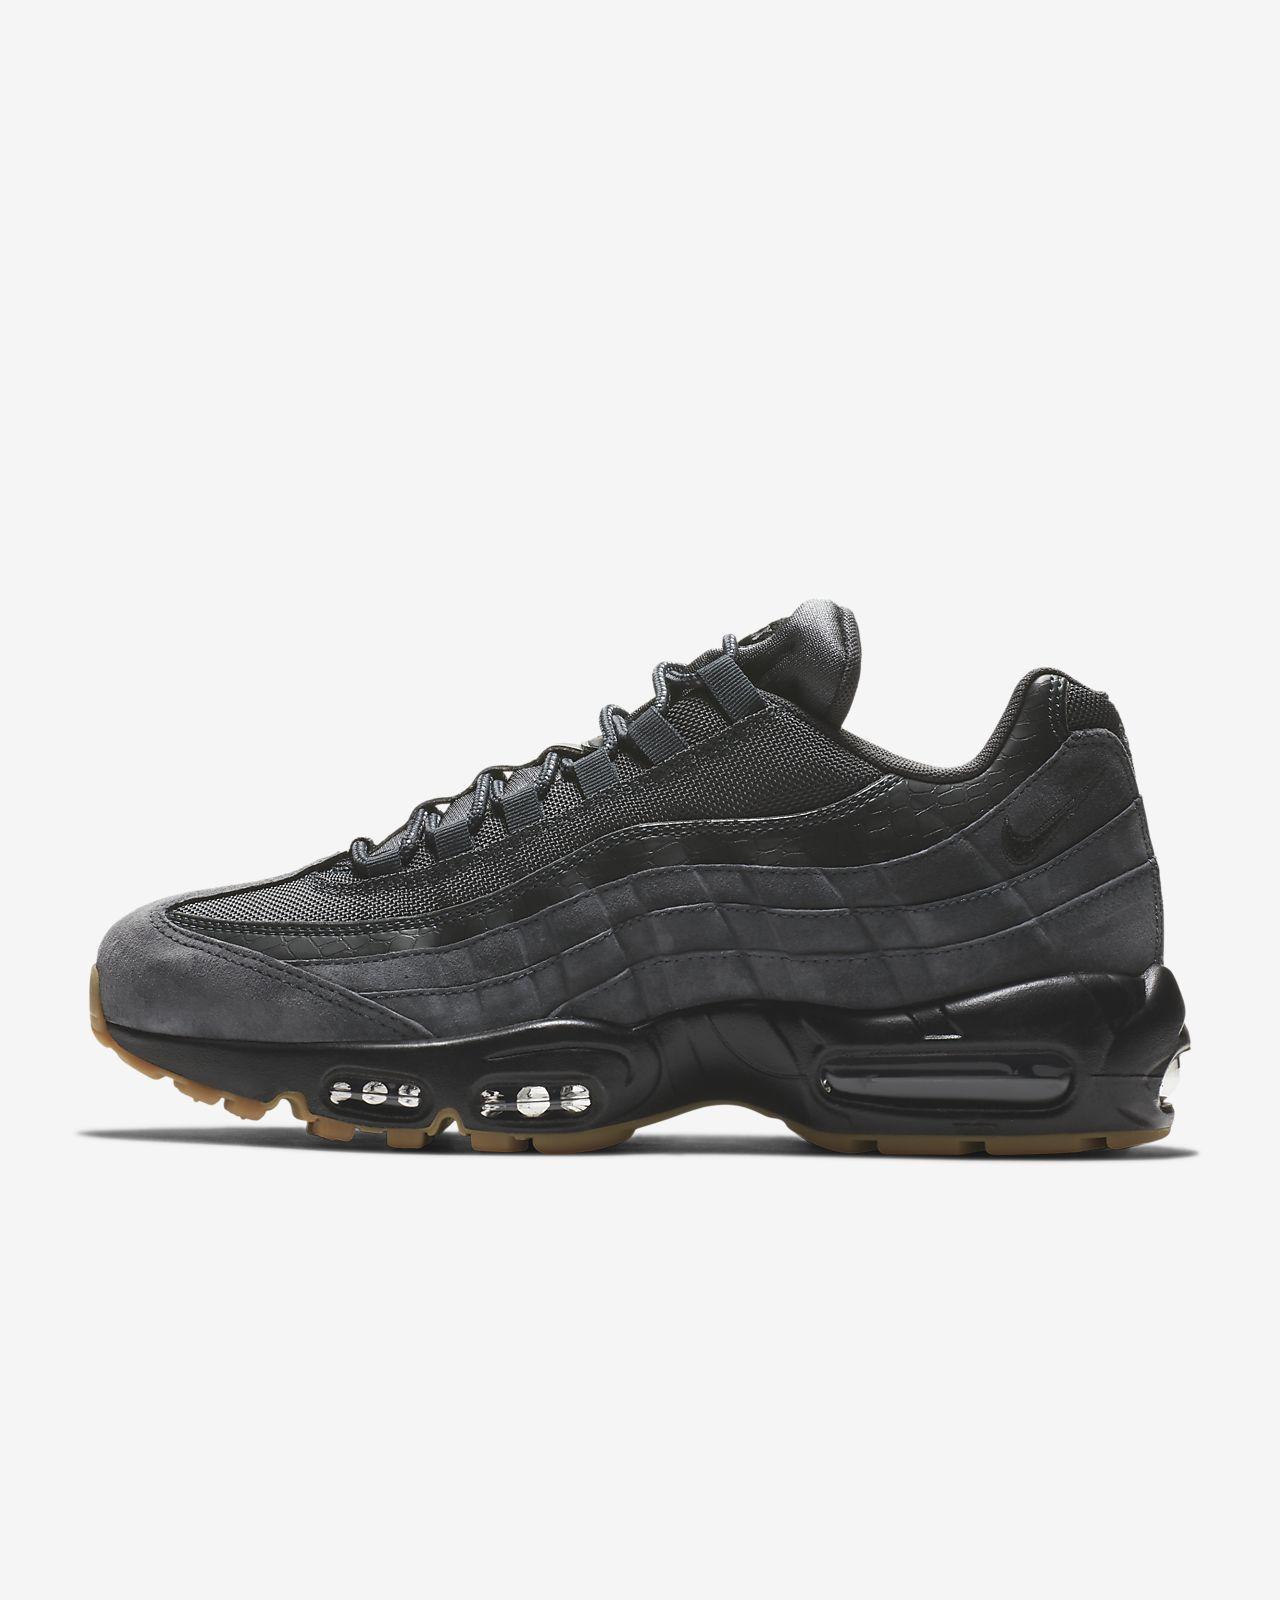 Ανδρικό παπούτσι Nike Air Max 95 SE